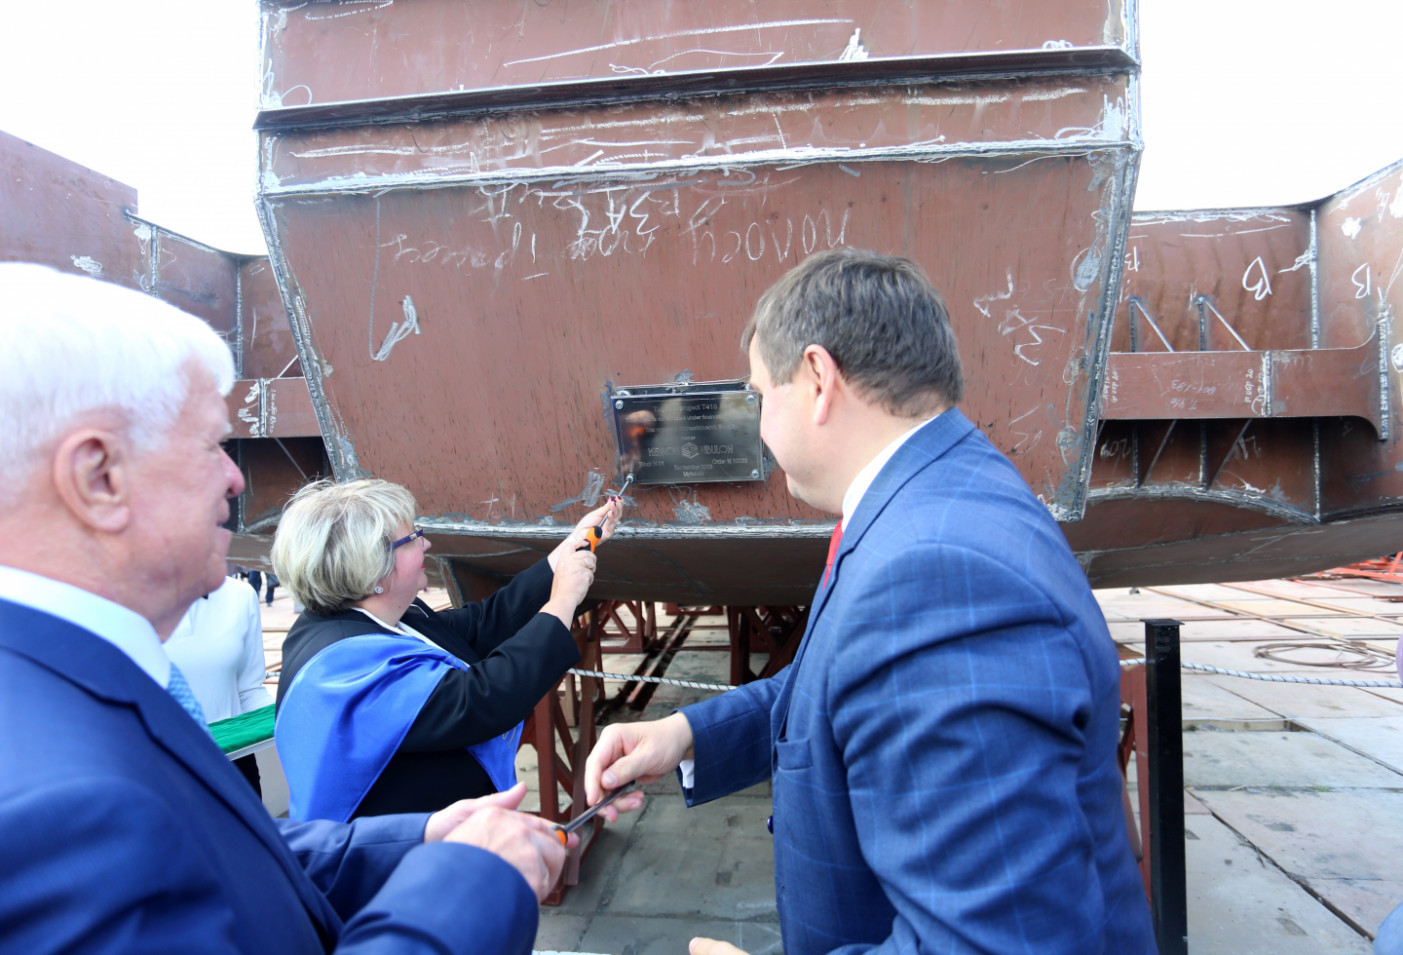 Урочиста закладка першої секції портового буксира штовхача-кантувальника пр. Т410 на міжнародному форумі TRANS EXPO ODESA MYKOLAIV 2019